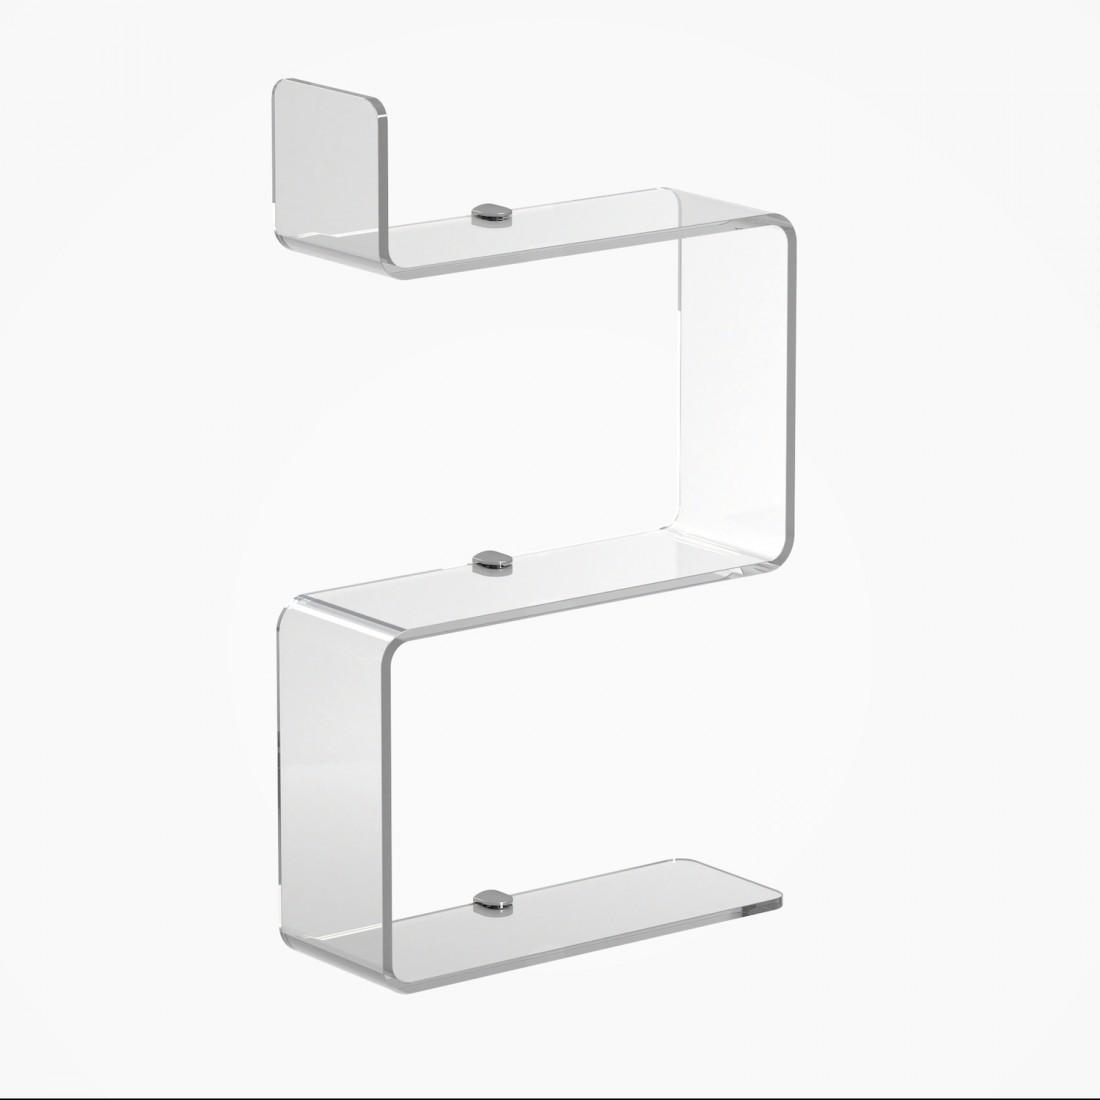 Prateleira de Acrilico Transparente com 3 andares Ideal para Banheiros